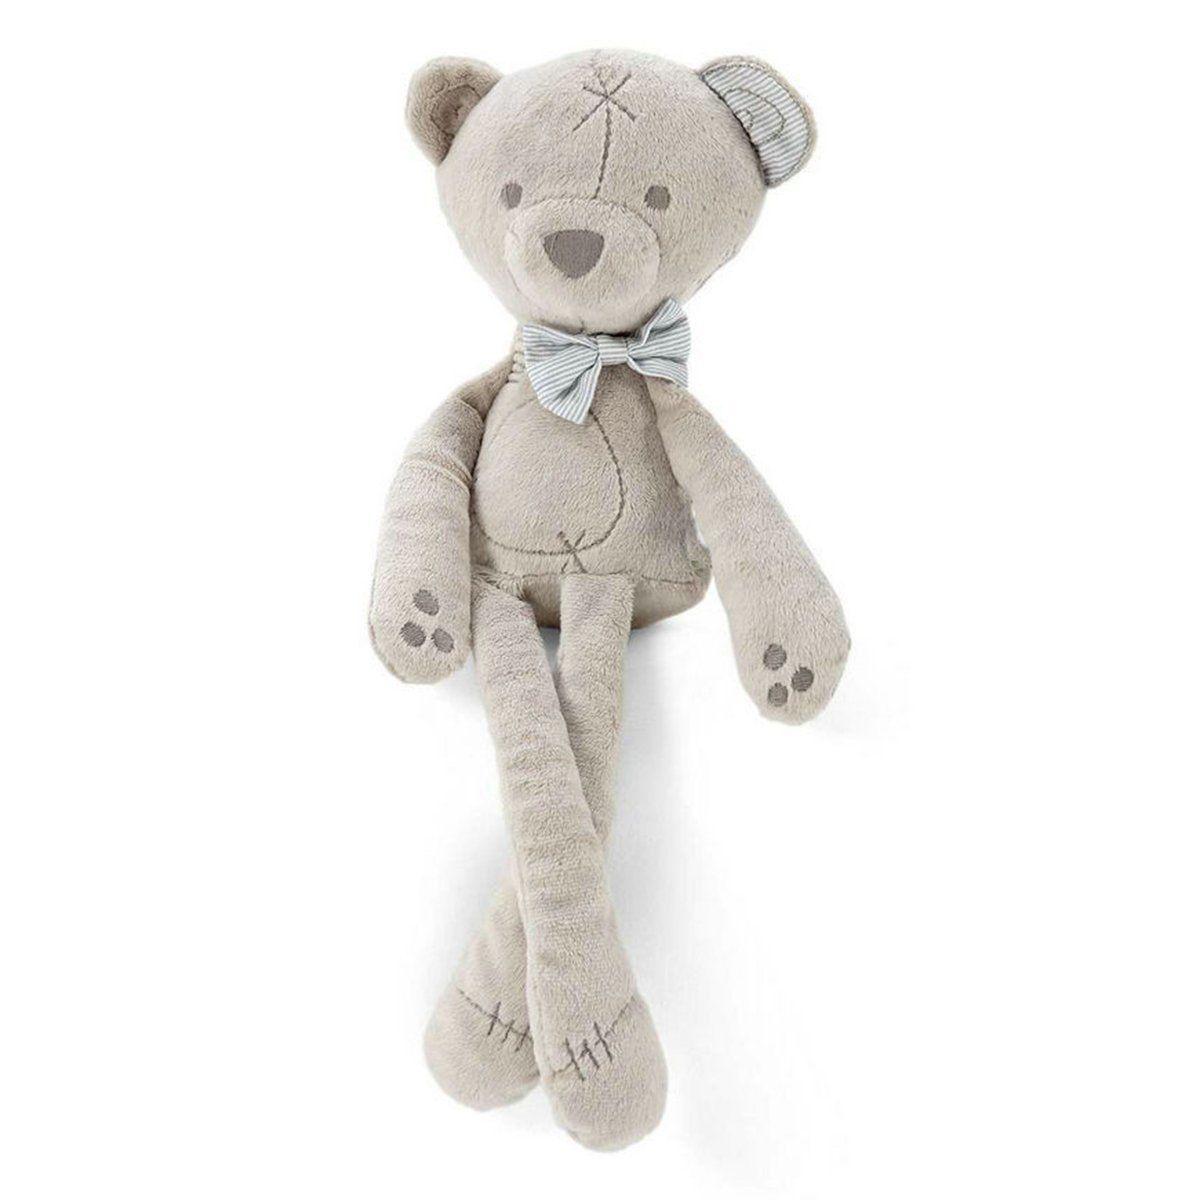 2019-offre-speciale-doux-en-peluche-bebe-enfants-poussette-lit-suspendu-musical-ours-jouet-belle-peluche-ours-jouet-enfants-en-peluche-mignon-ornements